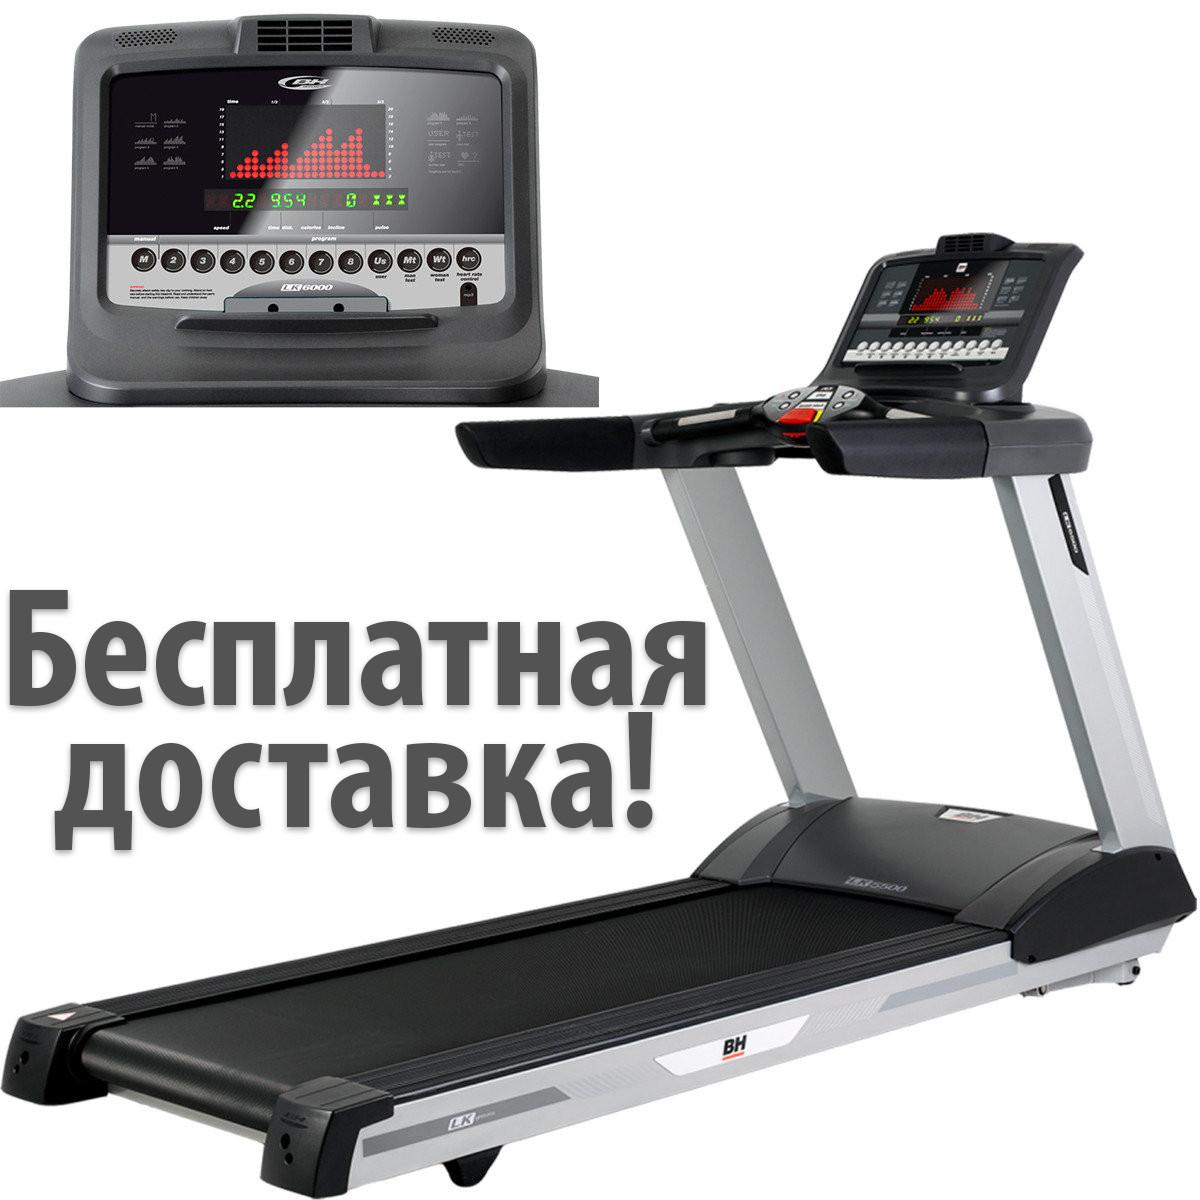 Професійна бігова доріжка BH Fitness LK5500